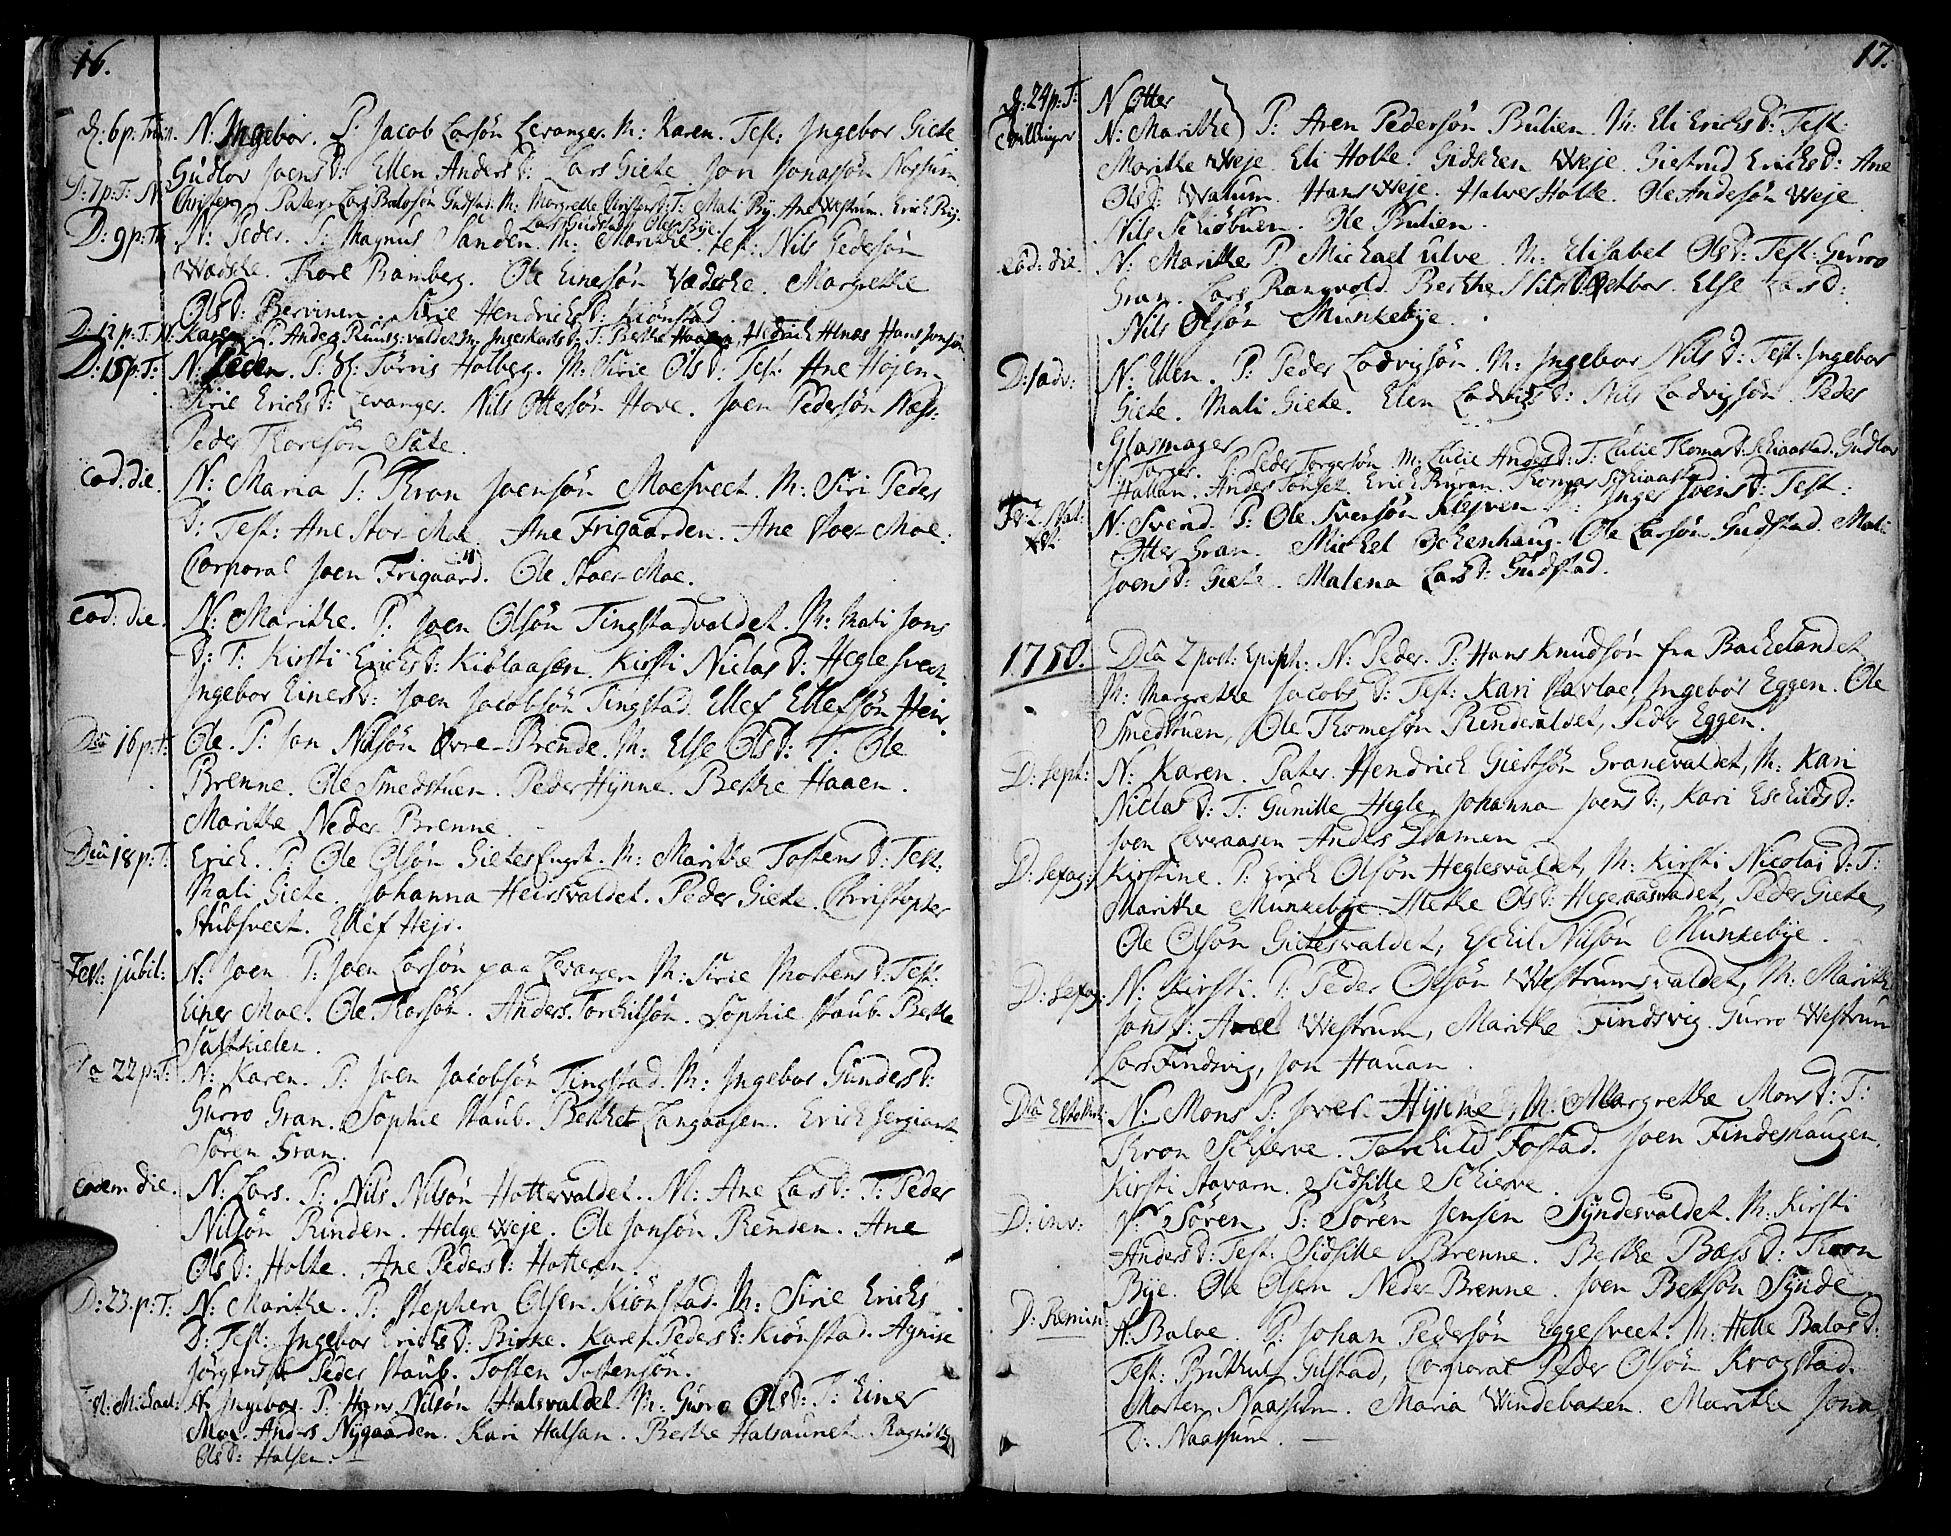 SAT, Ministerialprotokoller, klokkerbøker og fødselsregistre - Nord-Trøndelag, 717/L0141: Ministerialbok nr. 717A01, 1747-1803, s. 16-17